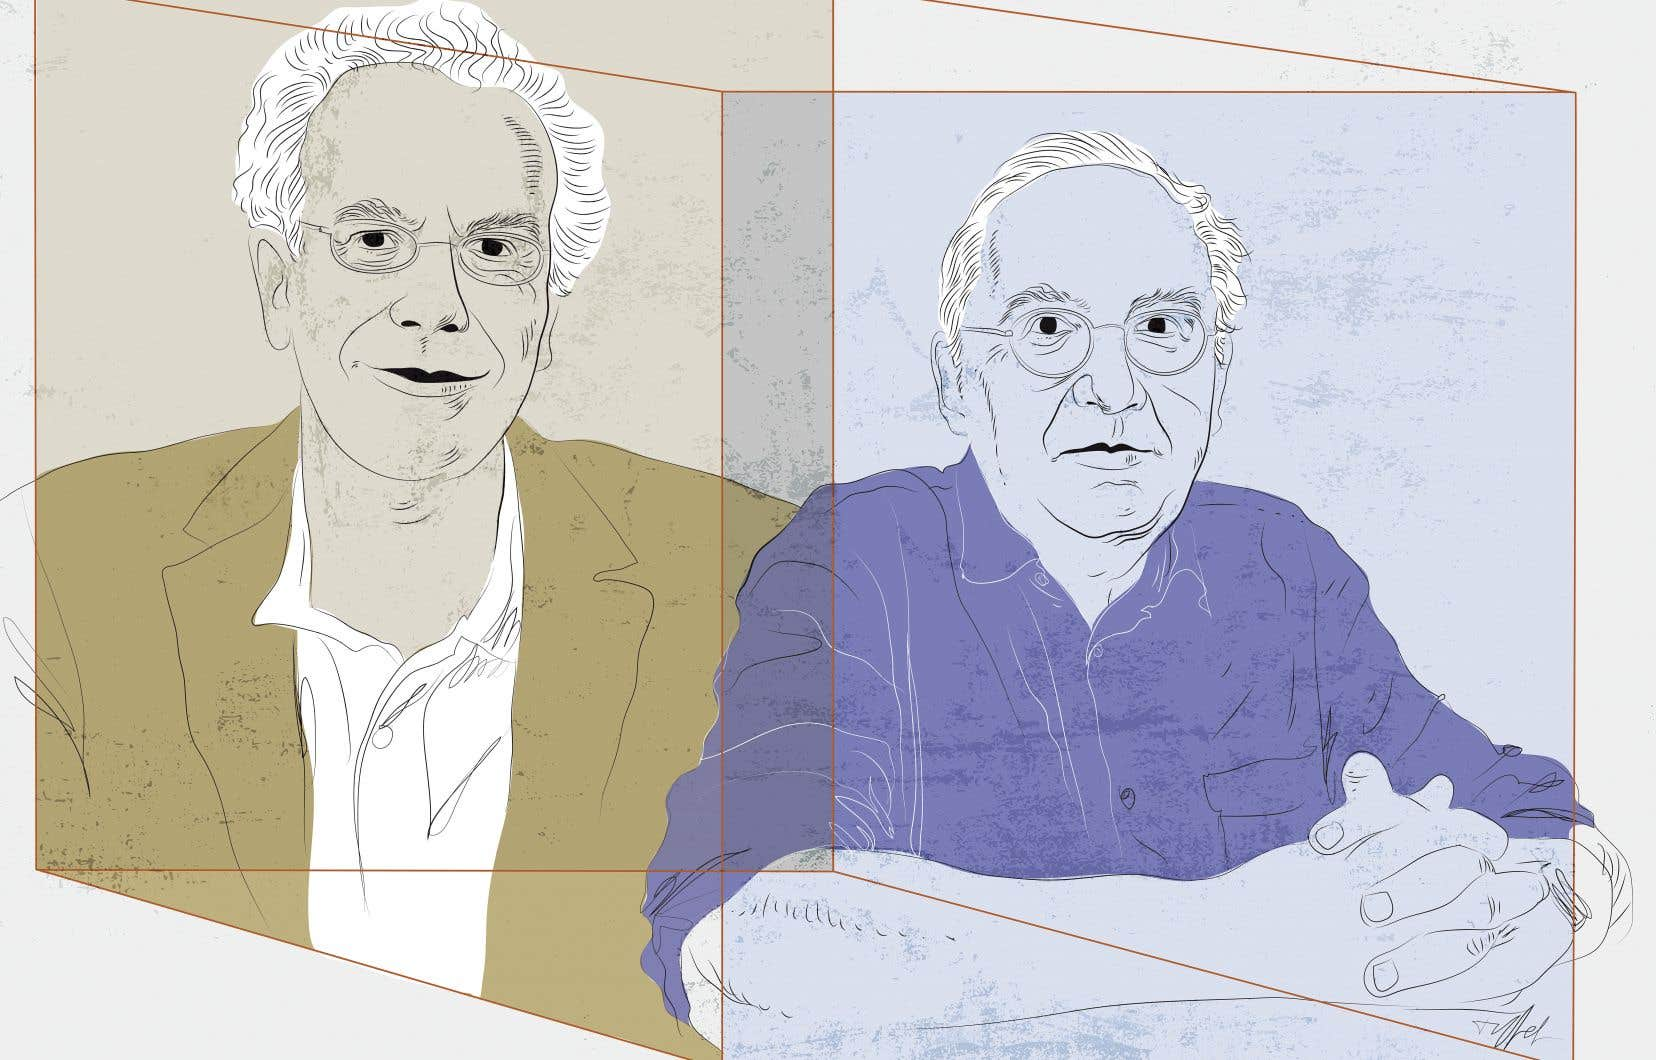 Selon Pierre Dardot et Christian Laval, l'insistance sur l'homme entrepreneurial viendrait notamment du fait que la politique de croissance, sous le néolibéralisme, est désormais centrée autour du capital humain. Et la croissance économique constitue elle-même la seule politique sociale d'intérêt.